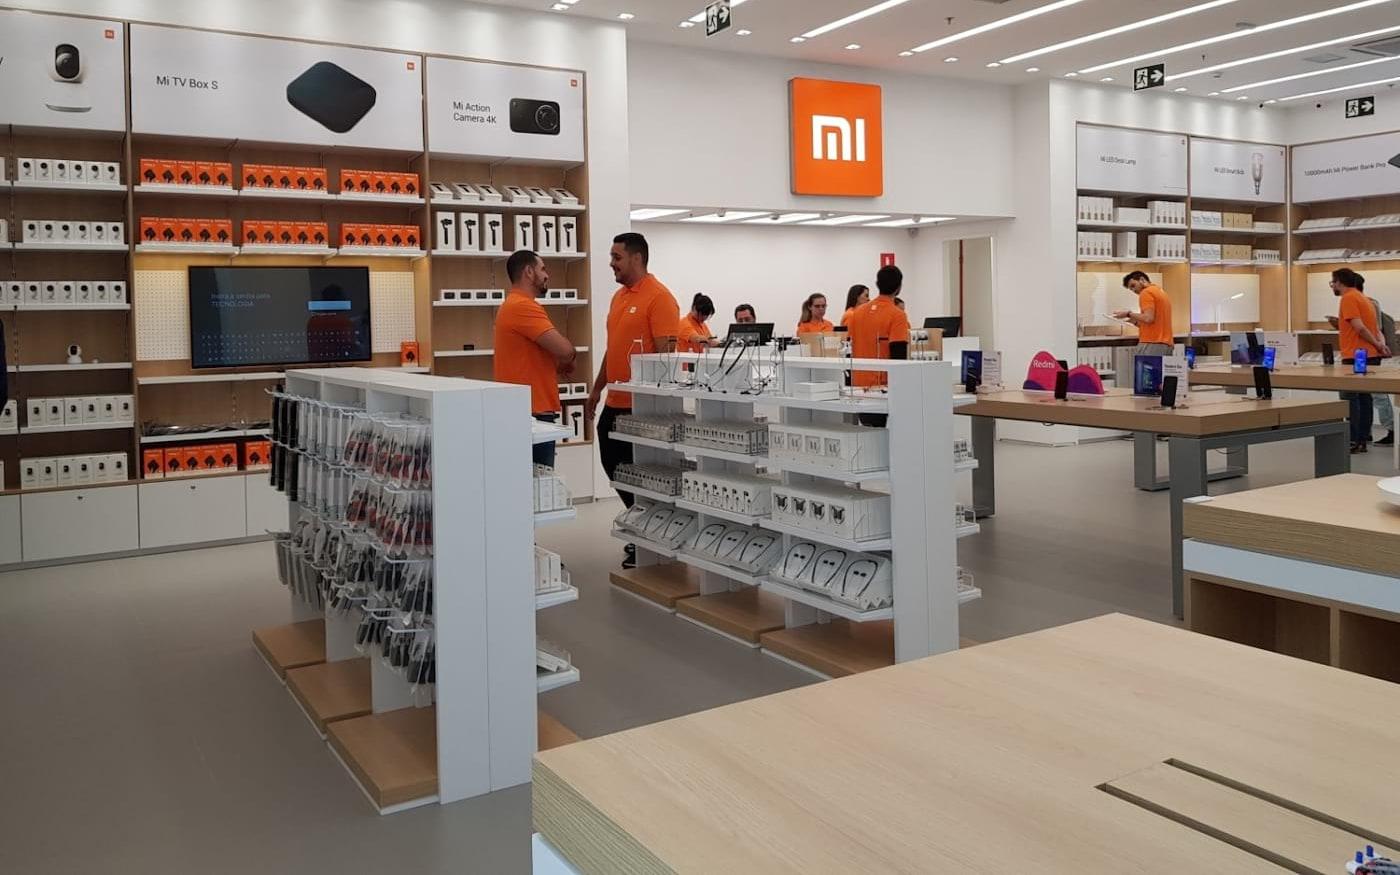 [Xiaomi Mi Band 4] Smartband começa a ser vendida em loja fisica oficial da Xiaomi em São Paulo